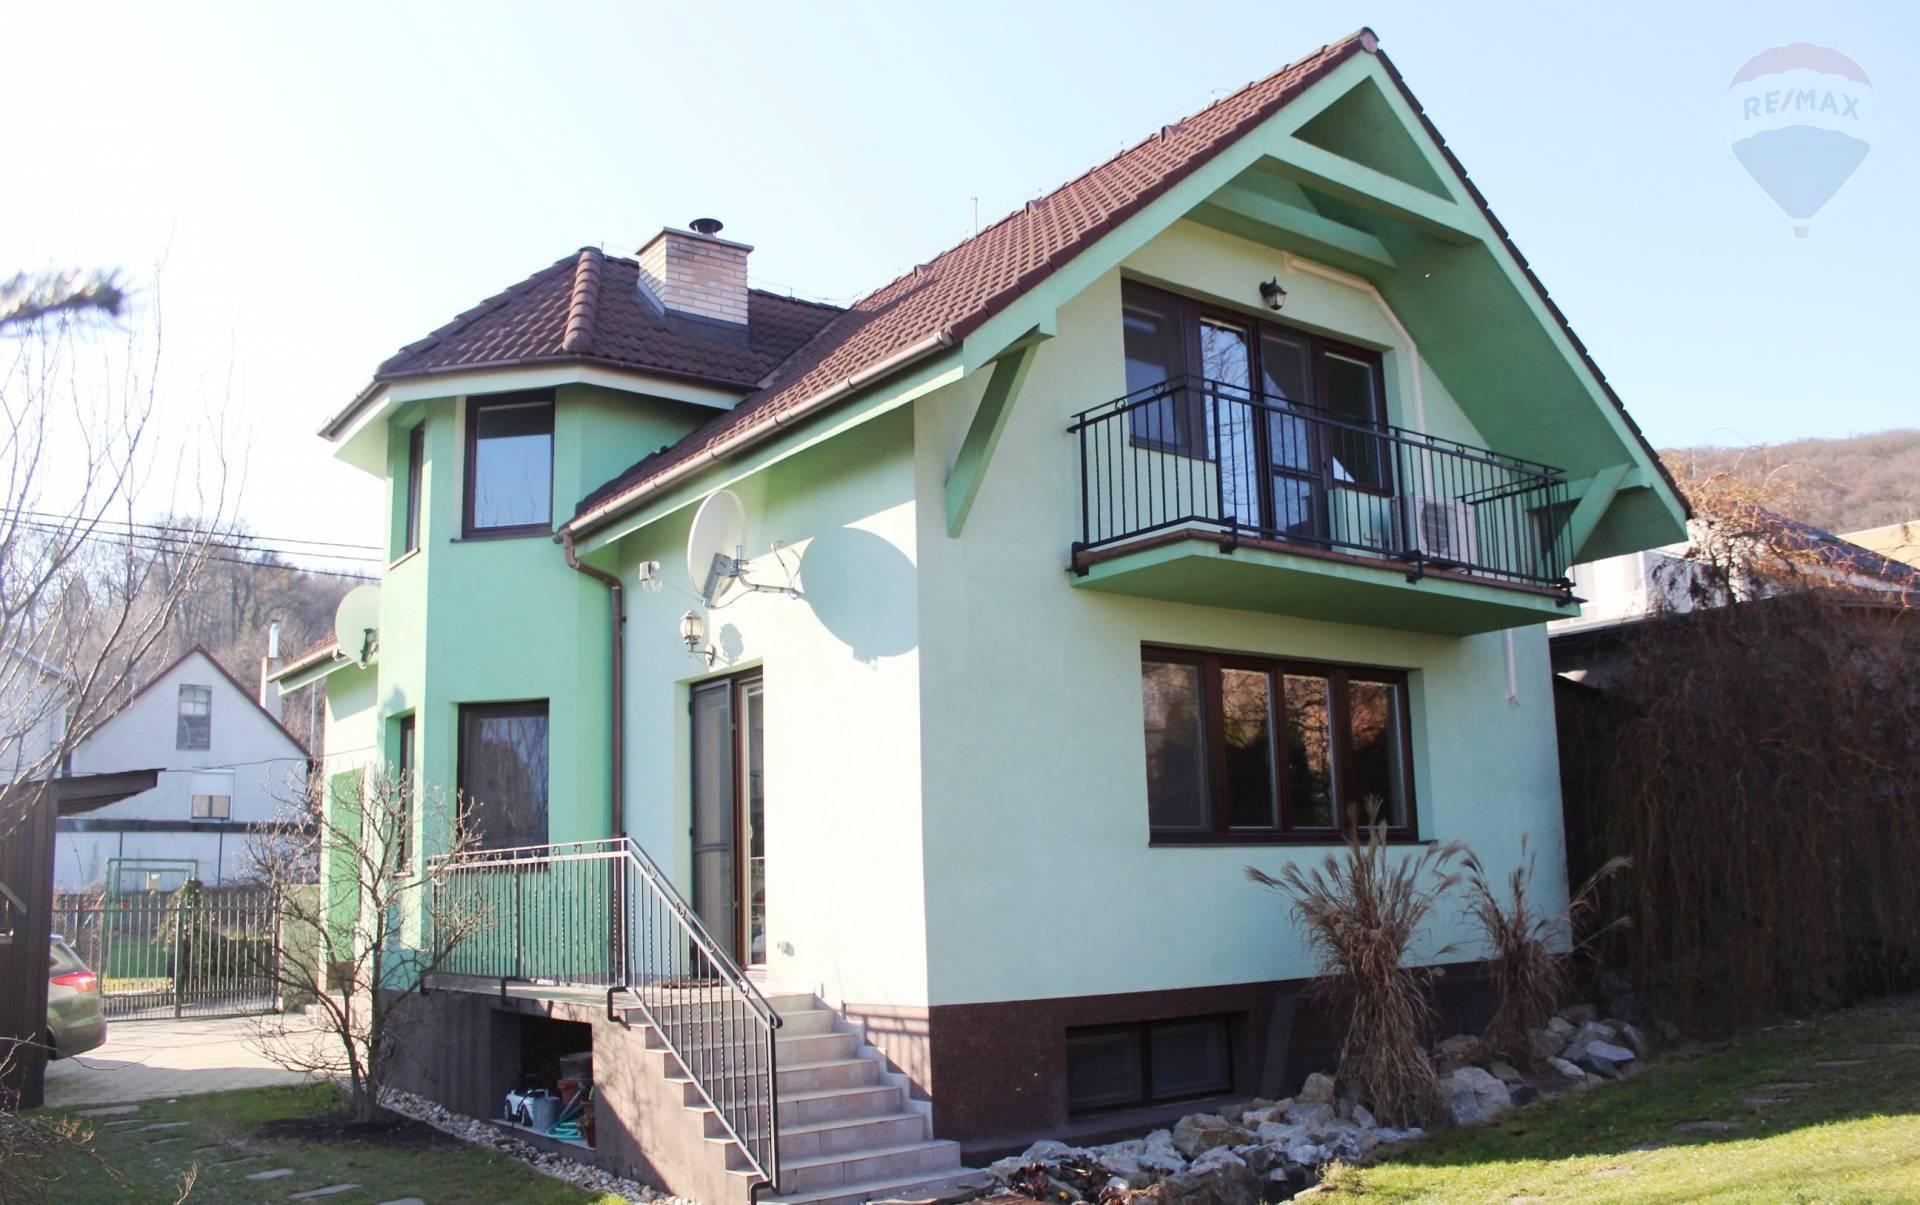 Predaj, 4-izb. RD (211 m2), v lukratívnej lokalite Ahoj - mestská časť Nové Mesto